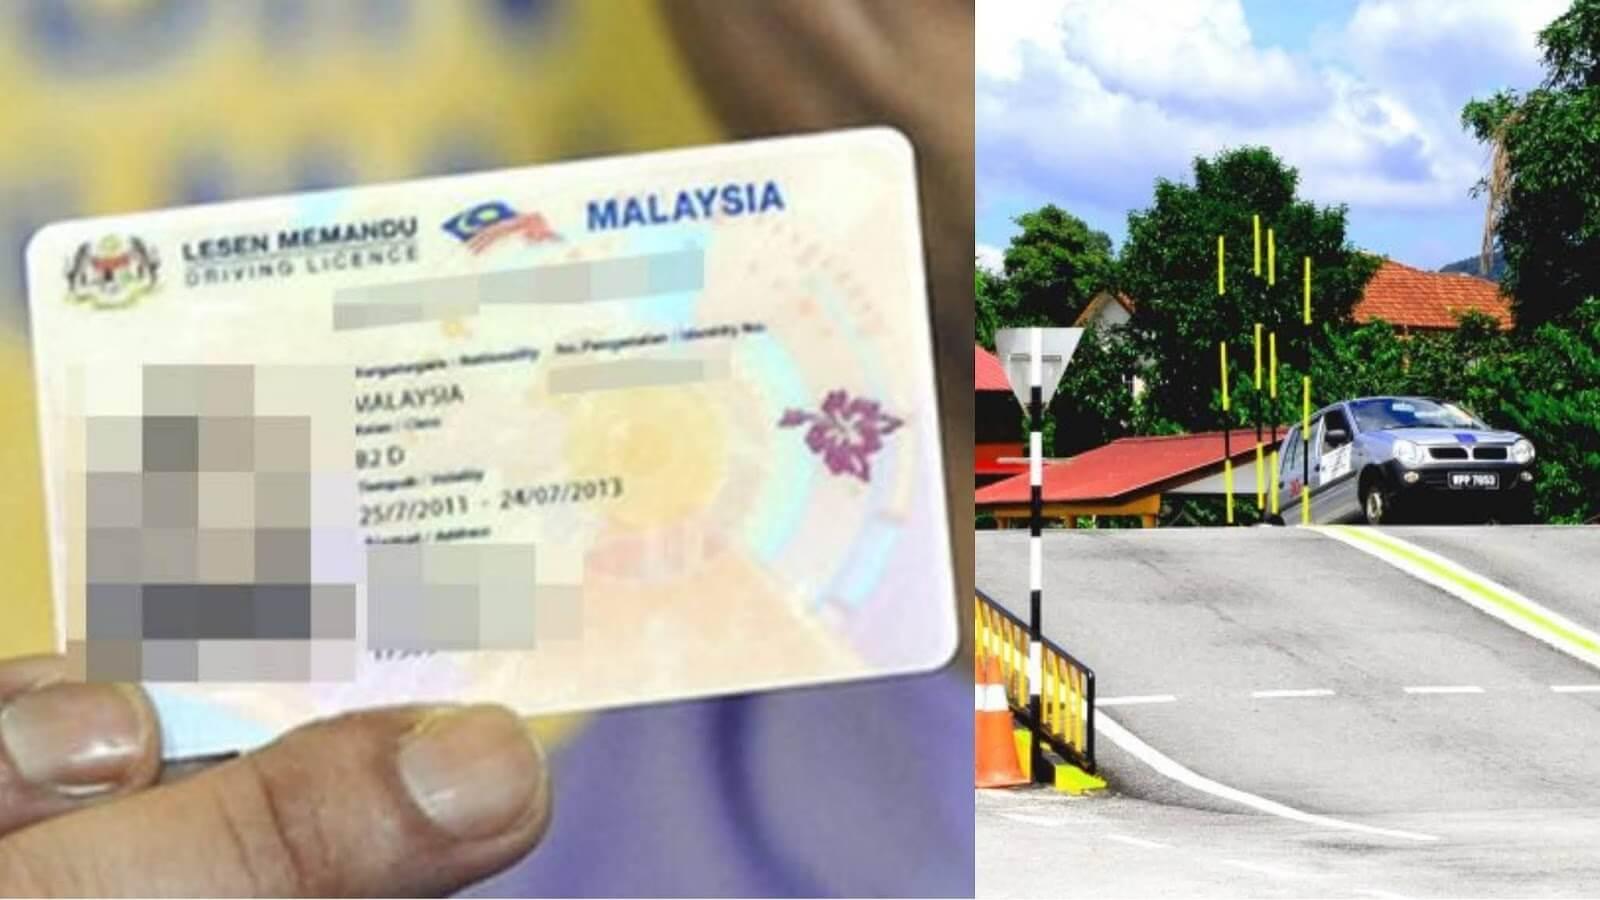 HARGA LESEN MEMANDU KERETA peraturan MOTOSIKAL & PERATURAN TERKINI 2021 (1)